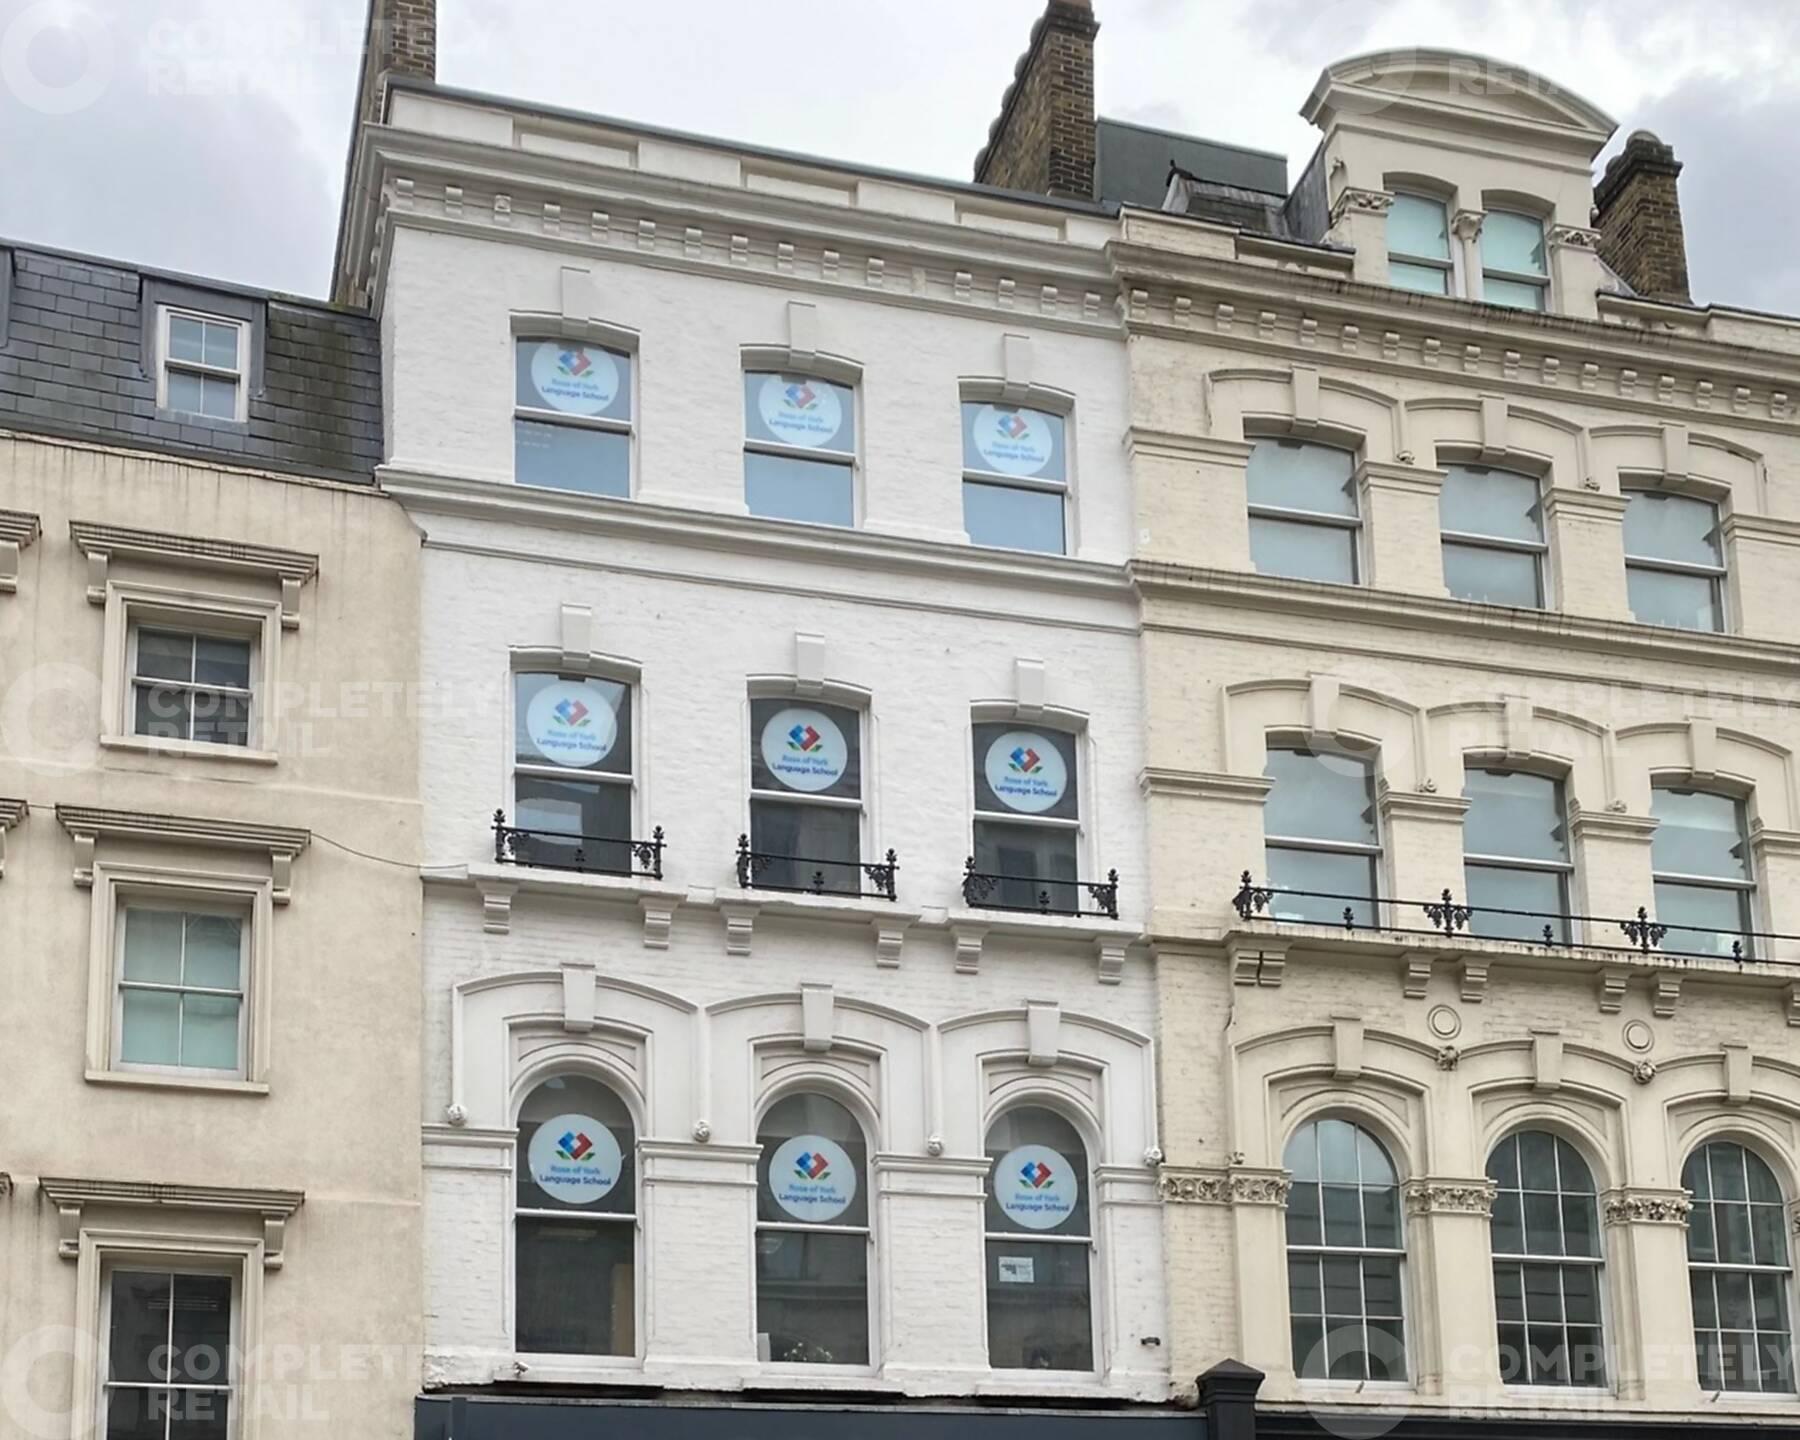 45 Oxford Street, London